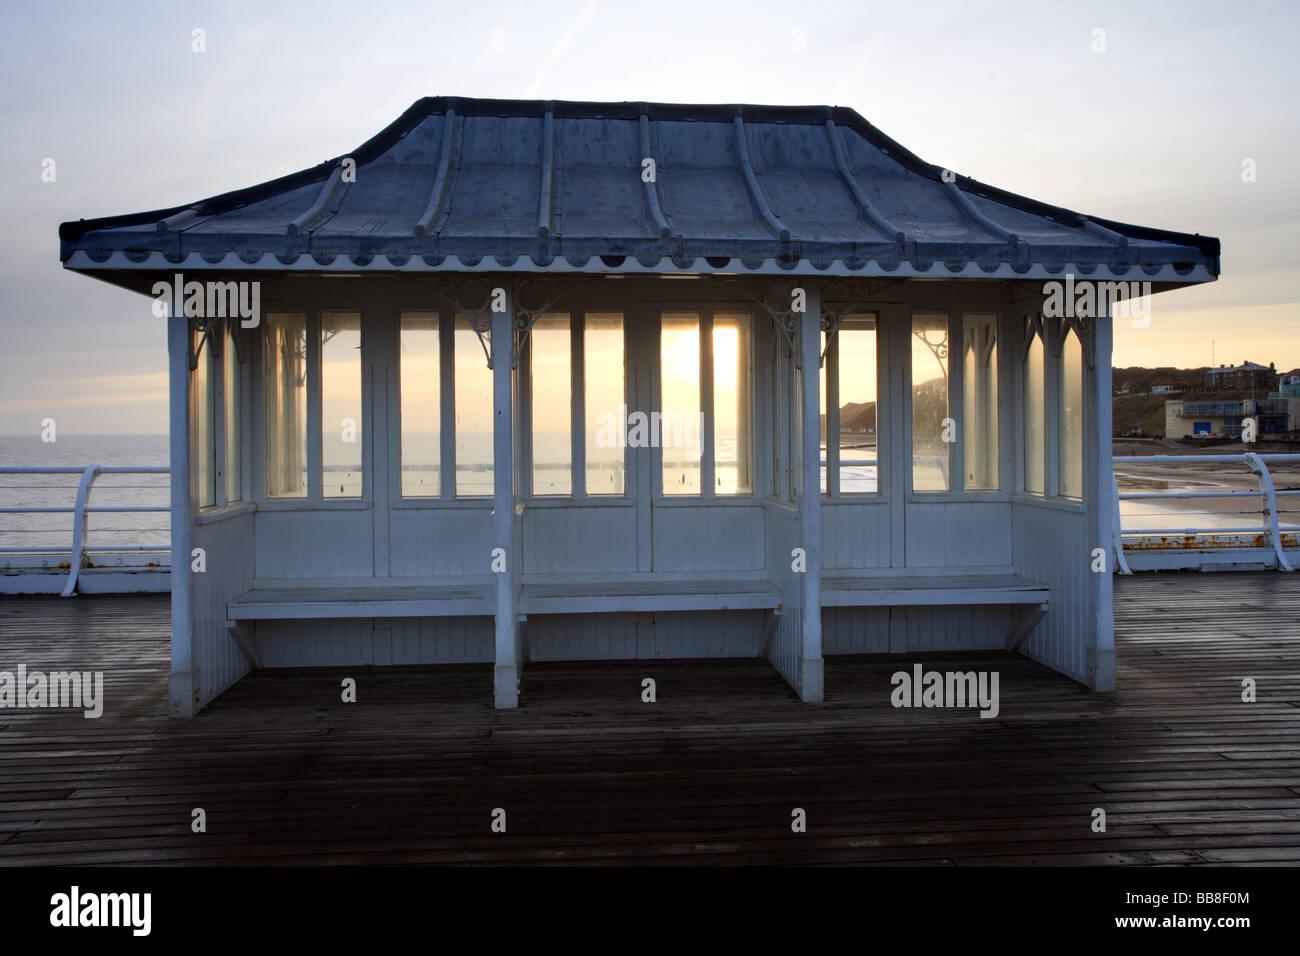 Rain Shelter, 'Seaside shelter' on Cromer Pier, Norfolk, UK sunrise over the sea. - Stock Image